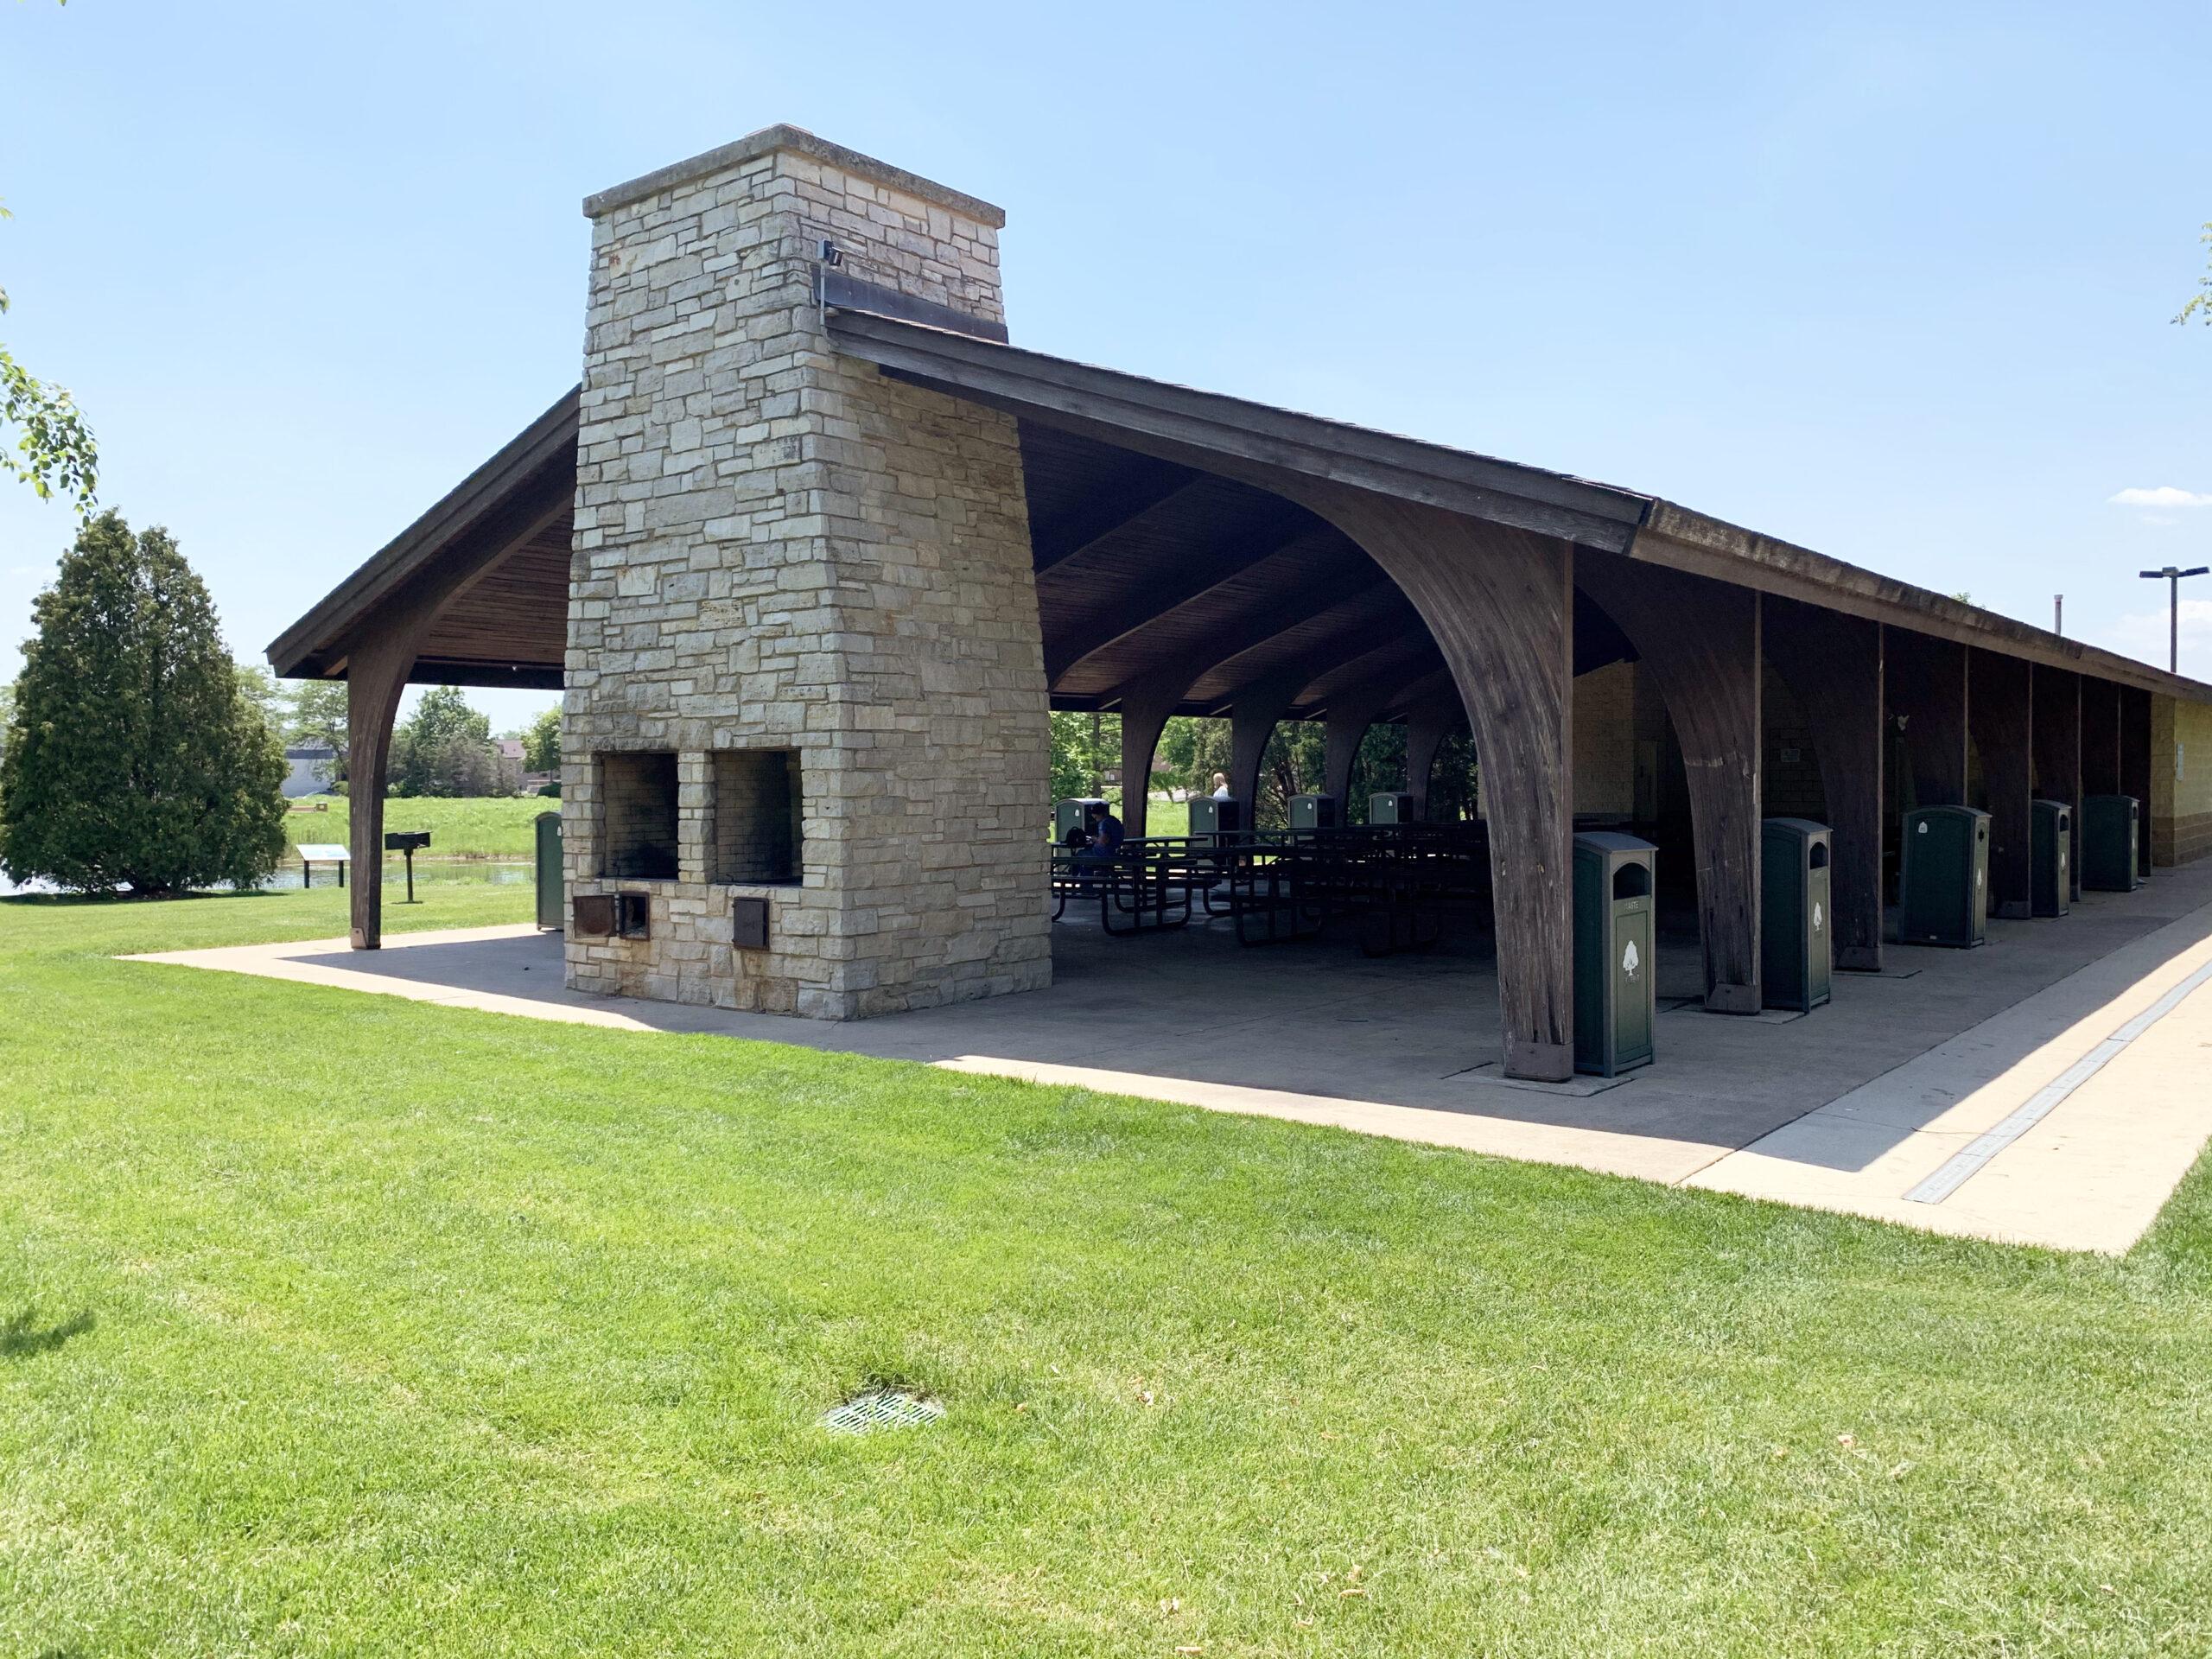 James-long-pavilion